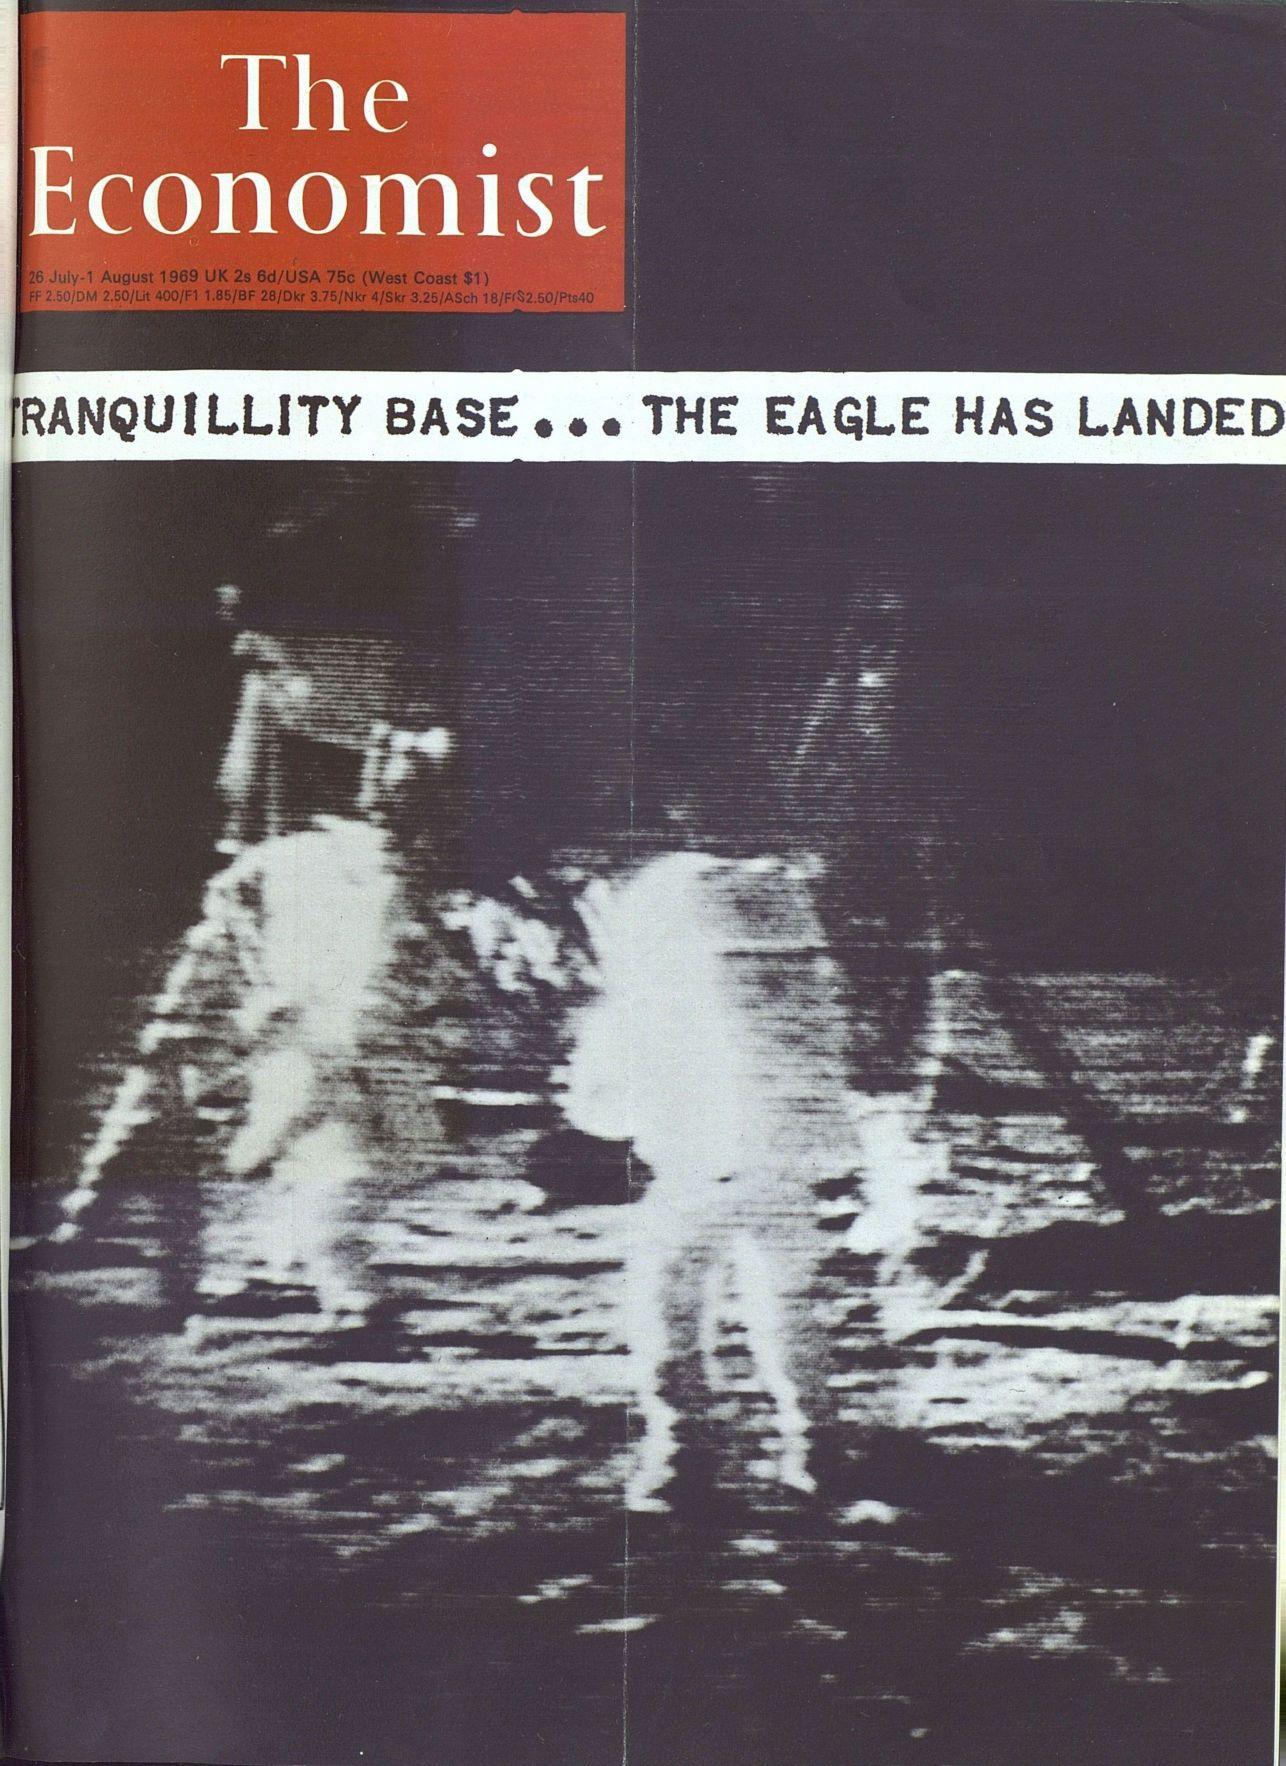 1969年:美国阿波罗11号登月舱在月球静海登陆,宇航员阿姆斯特朗成为首位踏上月球的人类。-书迷号 shumihao.com